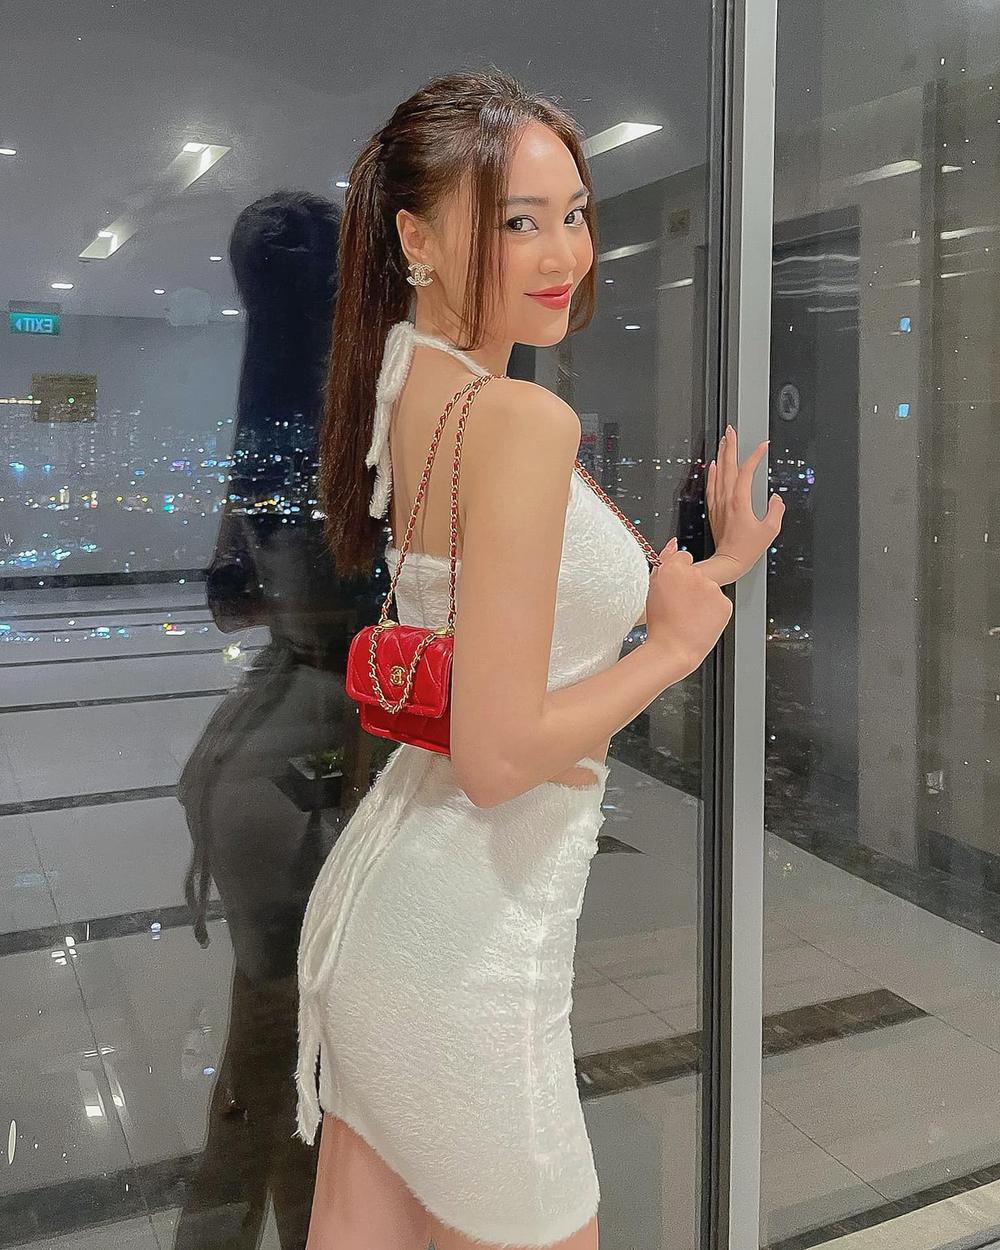 Ninh Dương Lan Ngọc khoe dáng cực chuẩn trong bộ váy trắng cut-out táo bạo Ảnh 2